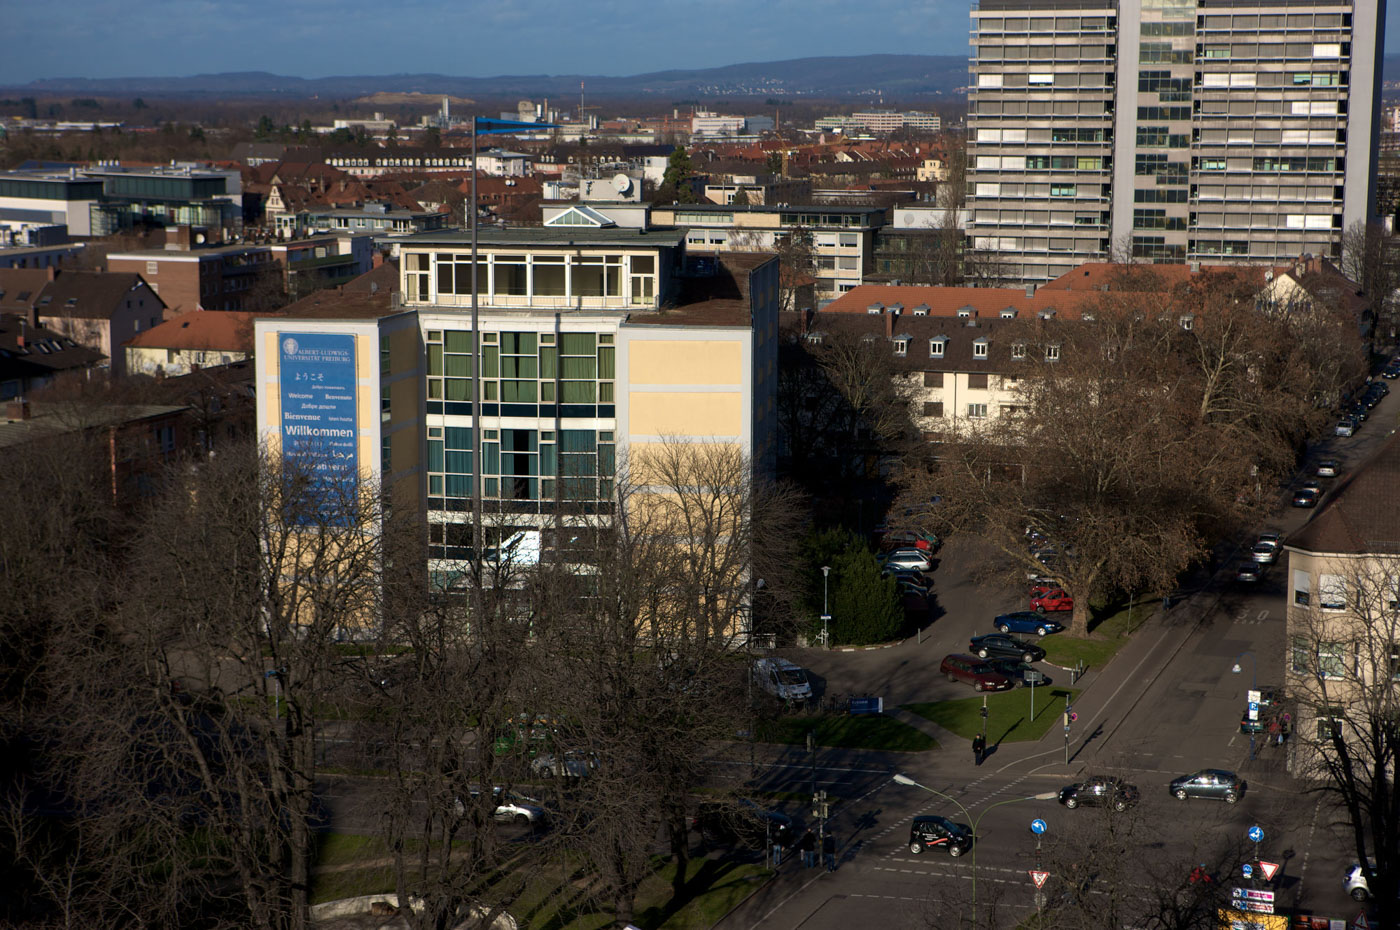 Das Rektorat. Im Hintergrund das Chemie Hochhaus.